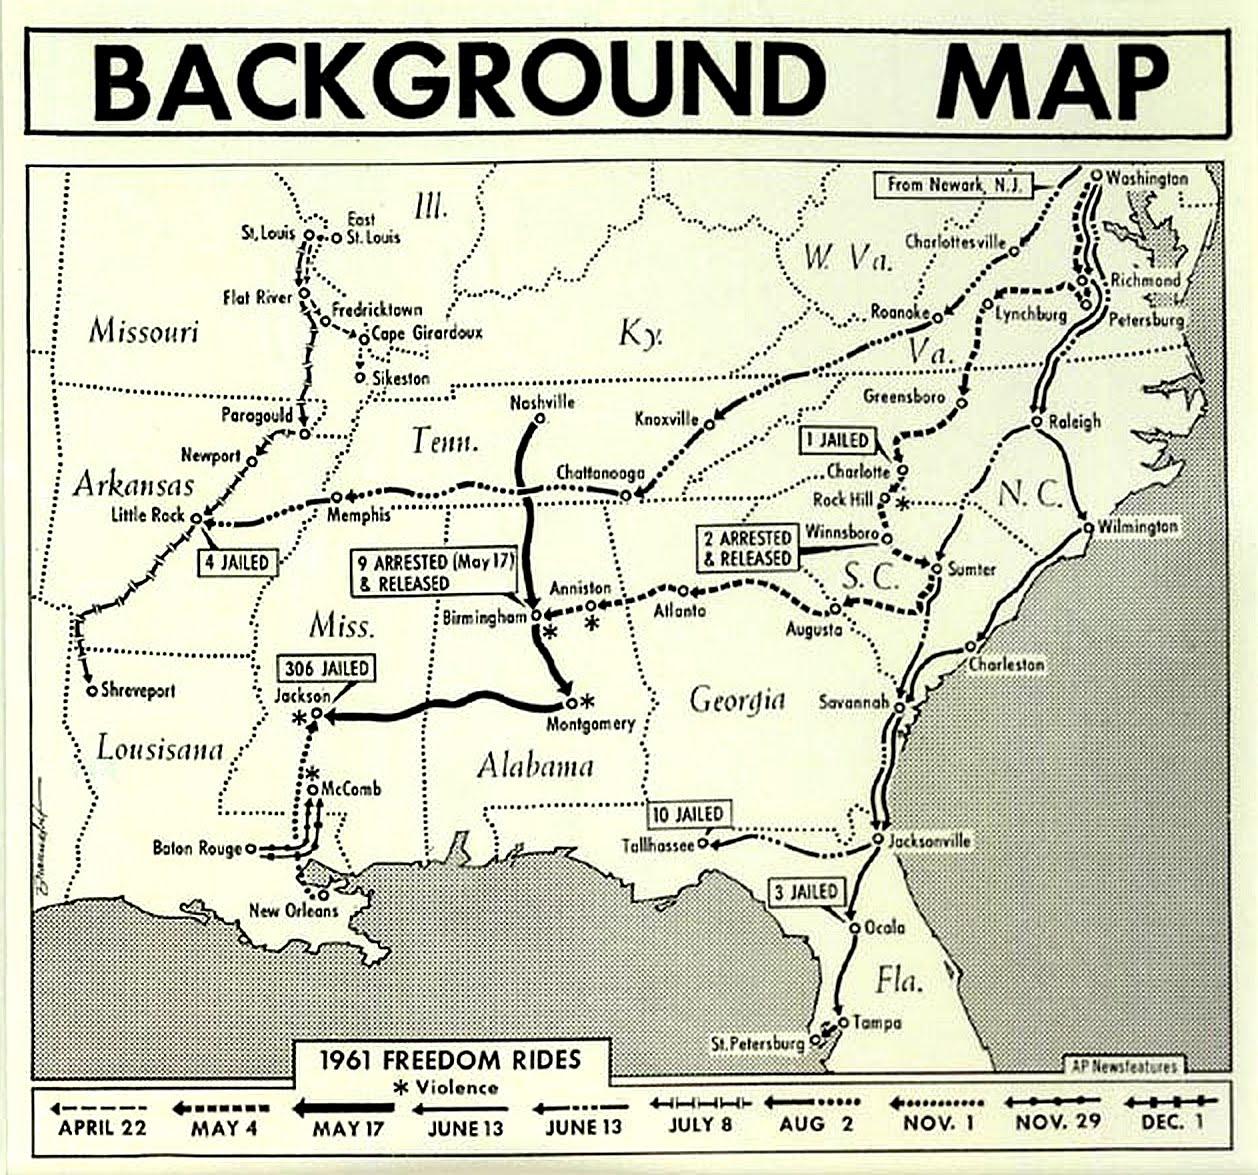 Freedom Rides Background Background Map 1961 Freedom